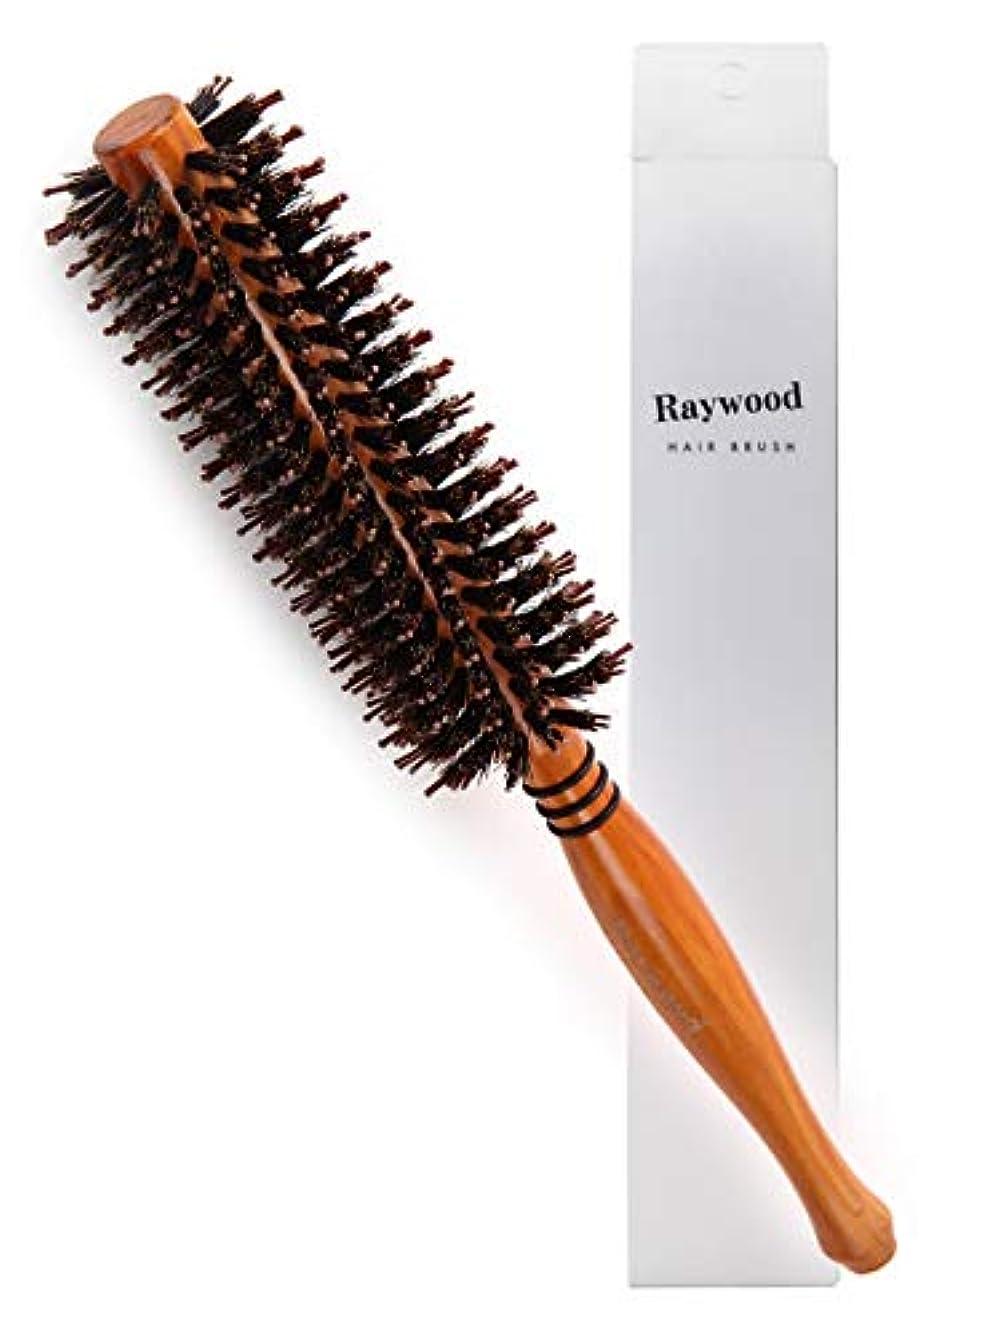 混乱させるラビリンス滞在Raywood 天然ロールブラシ 豚毛 耐熱仕様 ブロー カール 巻き髪 ヘア ブラシ ロール (M)